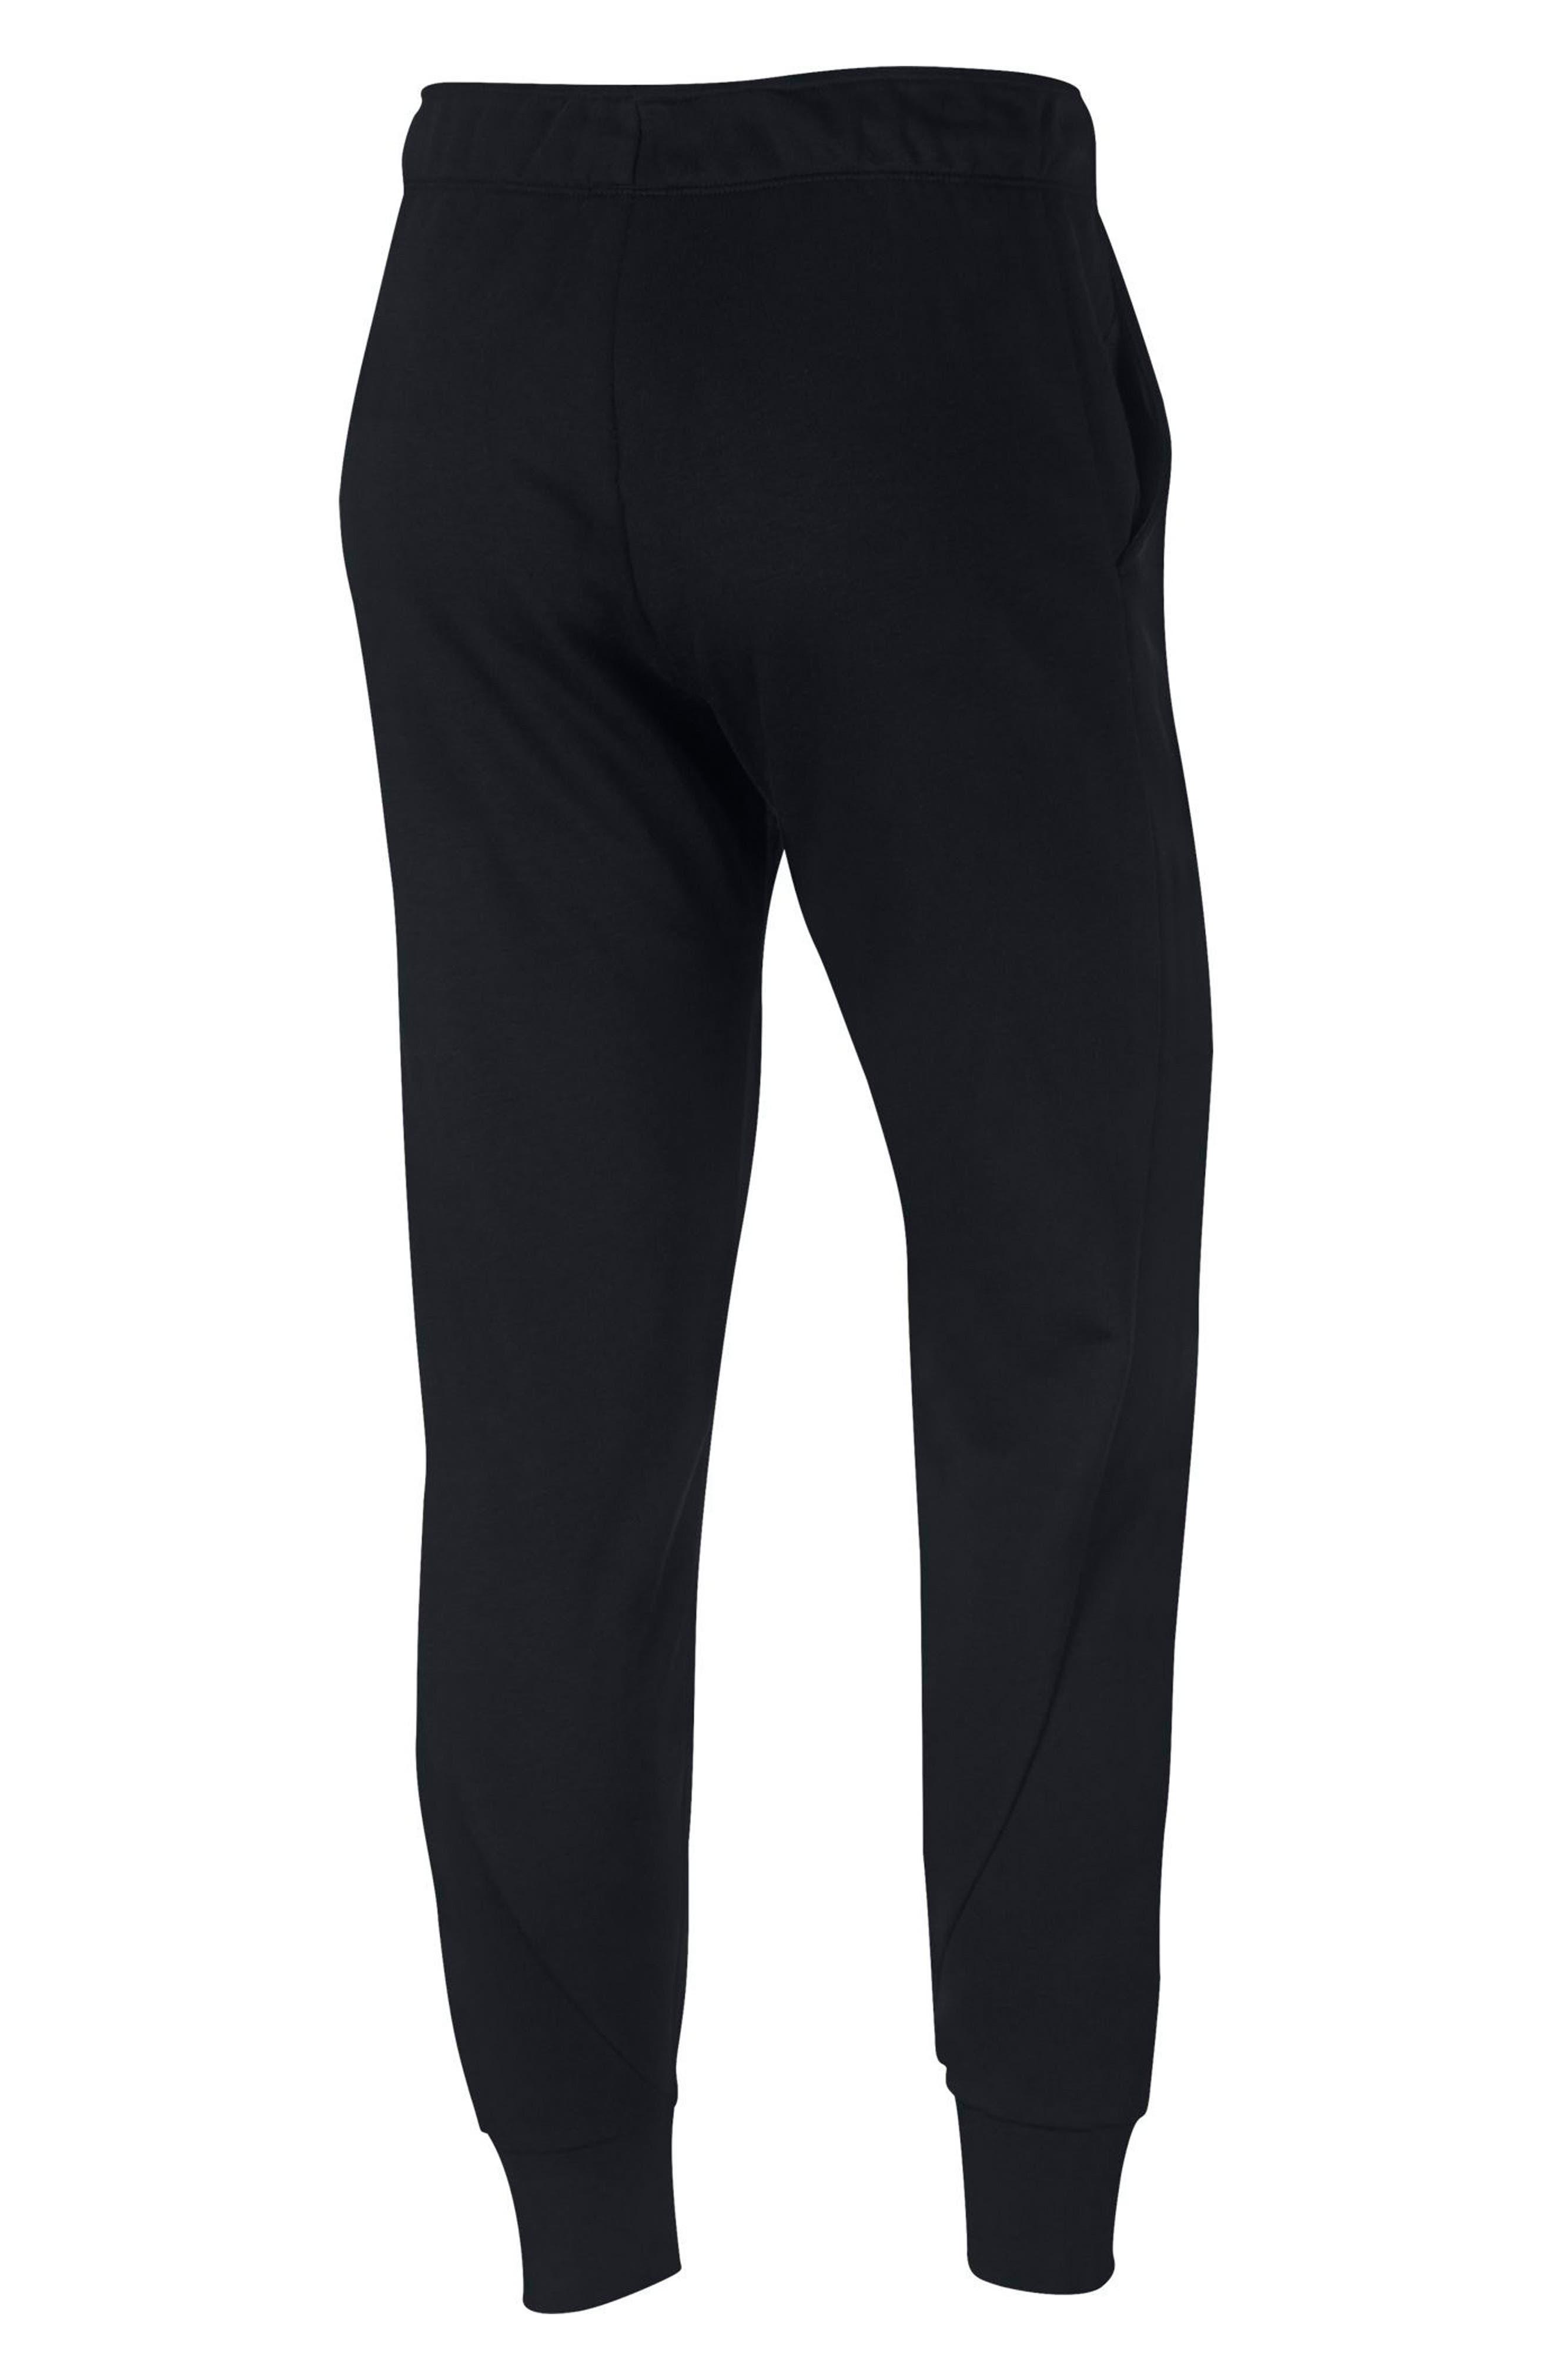 Tapered Training Pants,                             Alternate thumbnail 8, color,                             BLACK/ BLACK